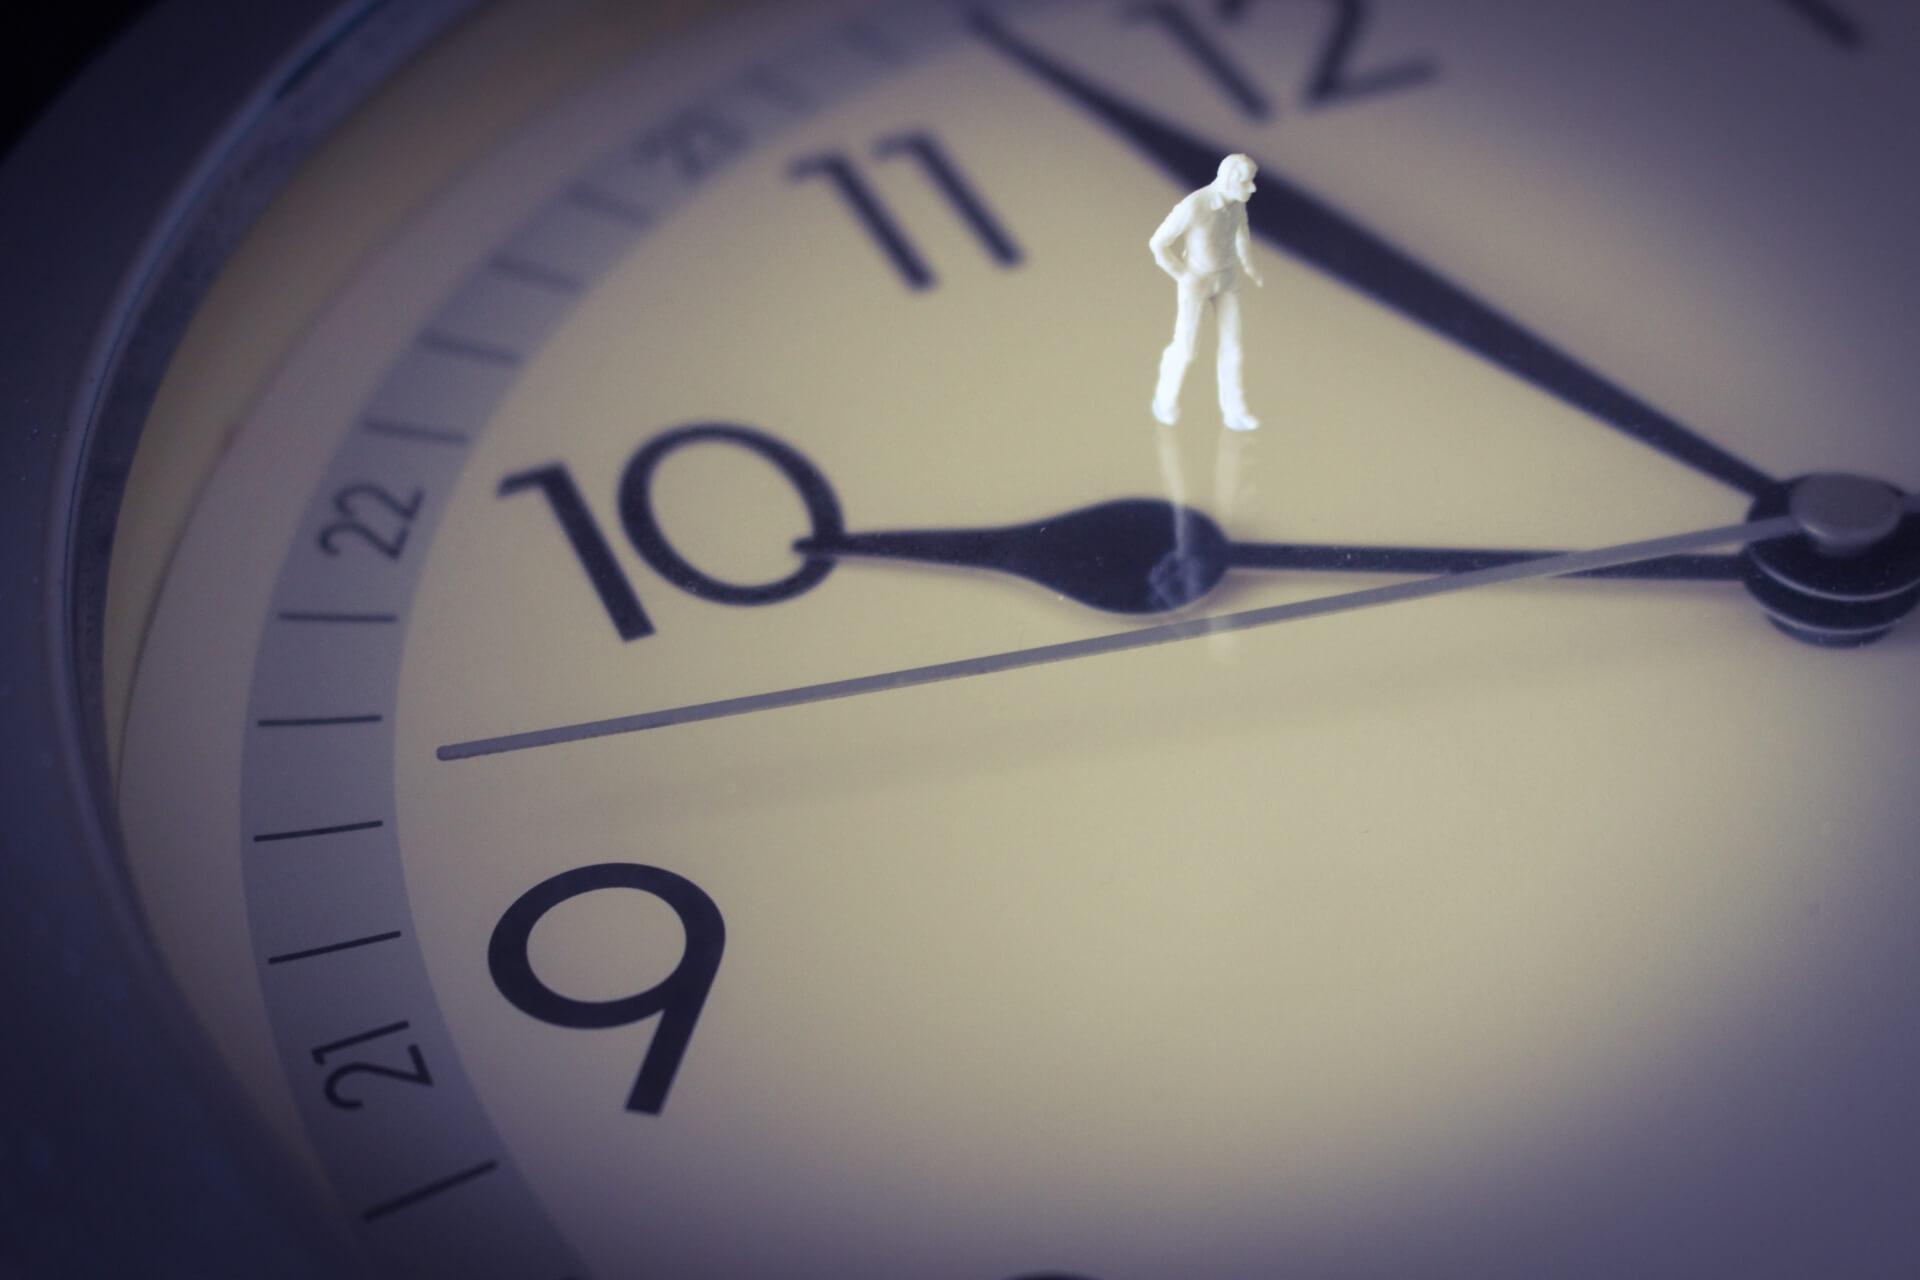 残業代はどのように発生する?|発生要件や計算方法を分かりやすく解説